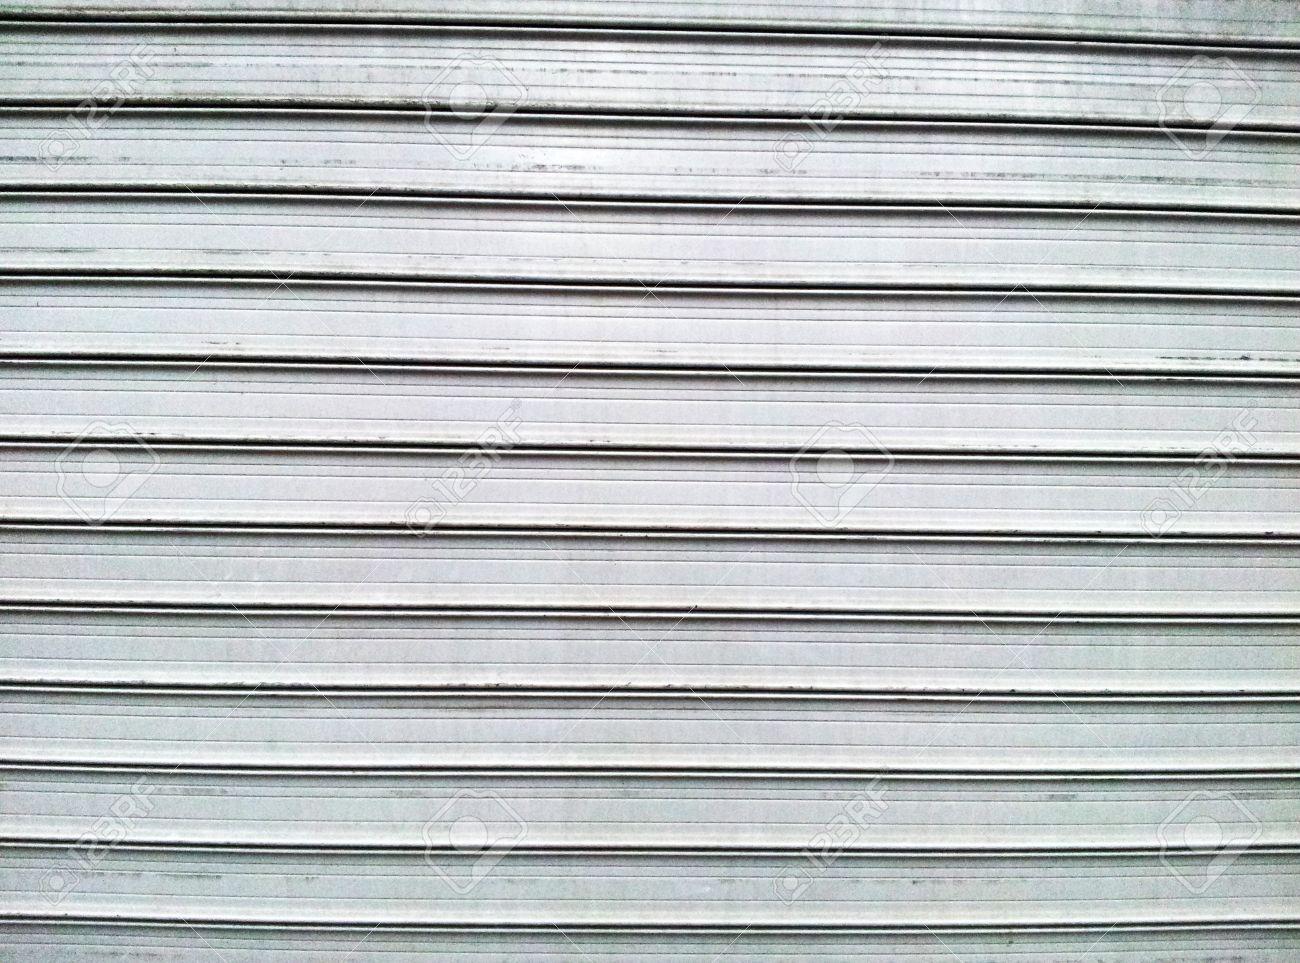 Gray steel garage door with horizontal lines stock photo picture gray steel garage door with horizontal lines stock photo 19082530 rubansaba